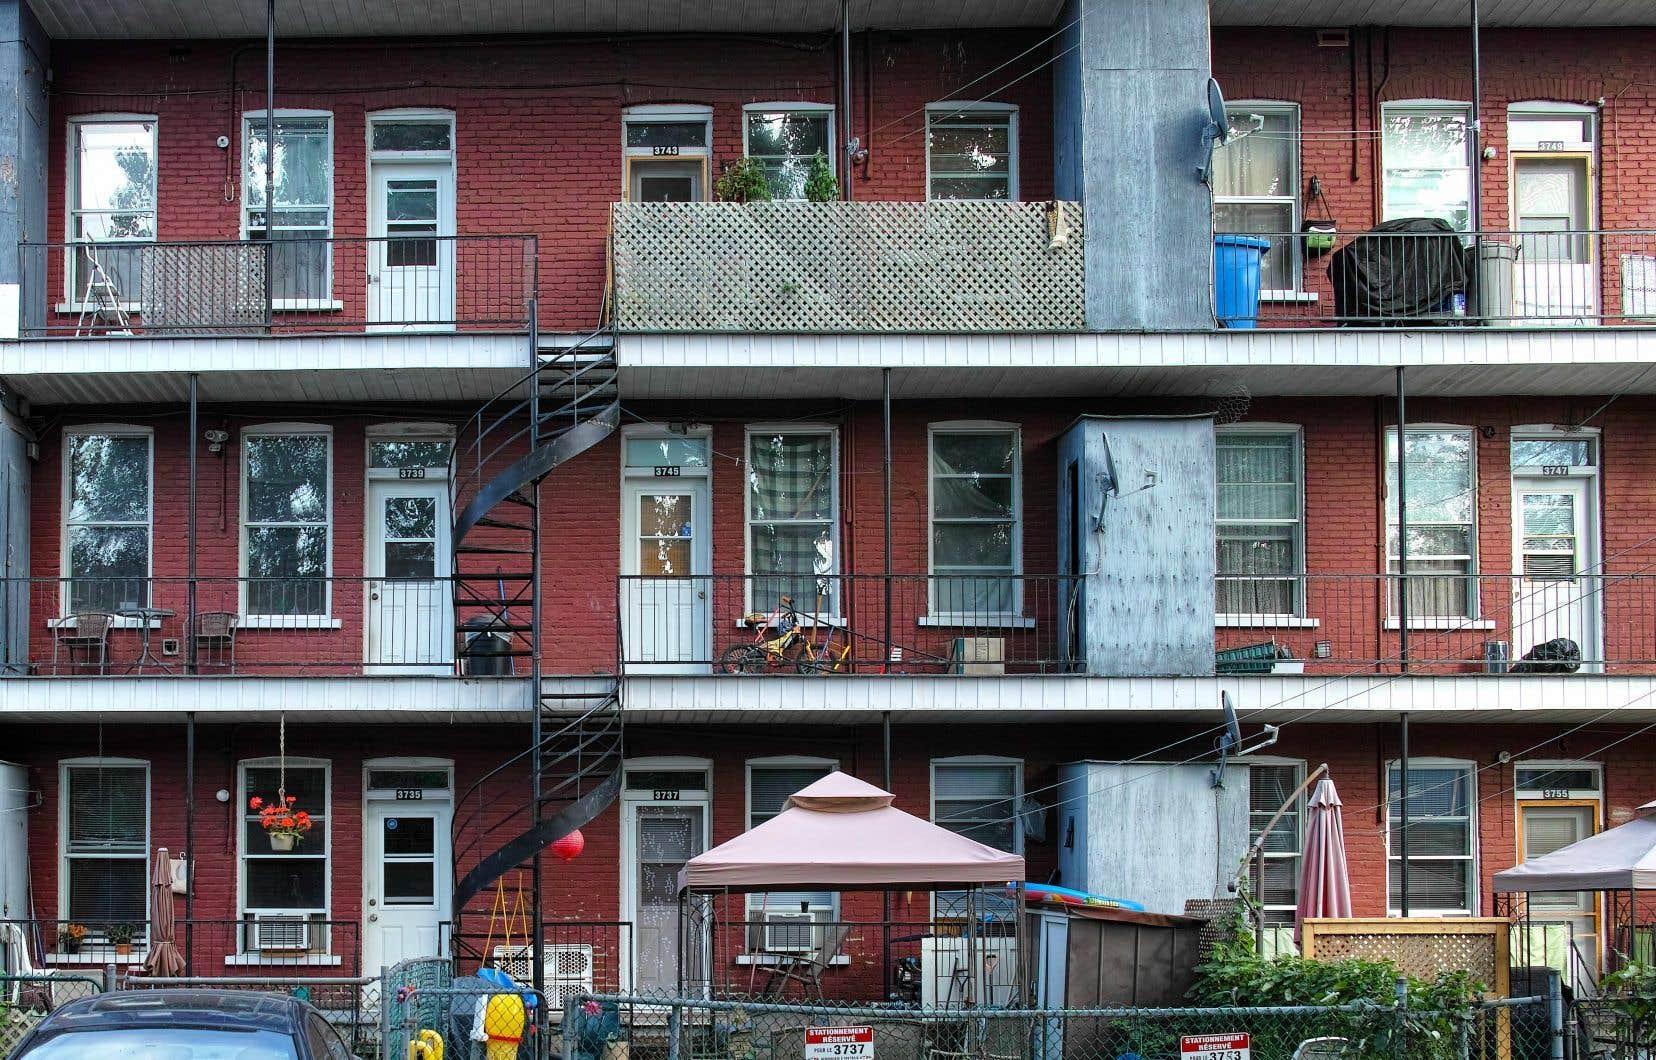 Les libérauxpromettent de mettre en œuvre un programme de location avec option d'achat, afin de permettre aux locataires de devenir propriétaires plus aisément tout en payant un loyer.